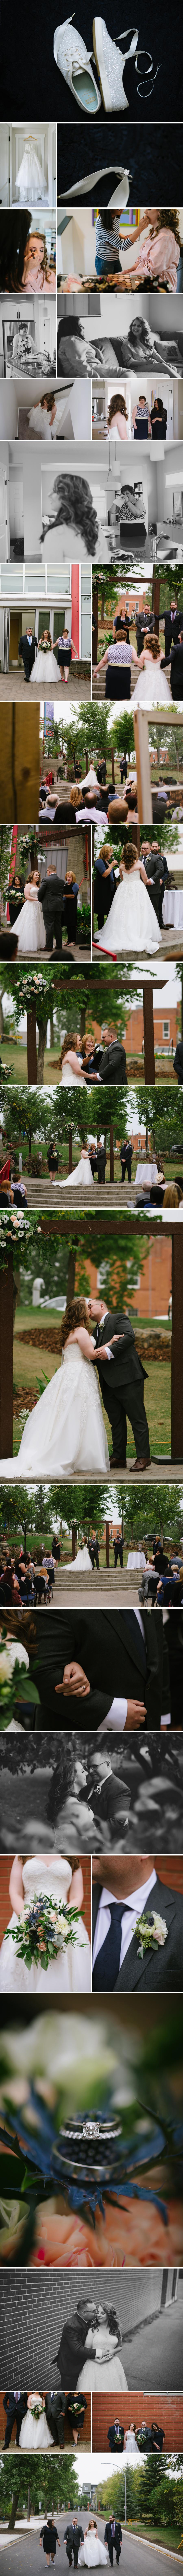 brittanyandtrevor_blog_wedding_2017_bbcollective_edmonton_yeg_married